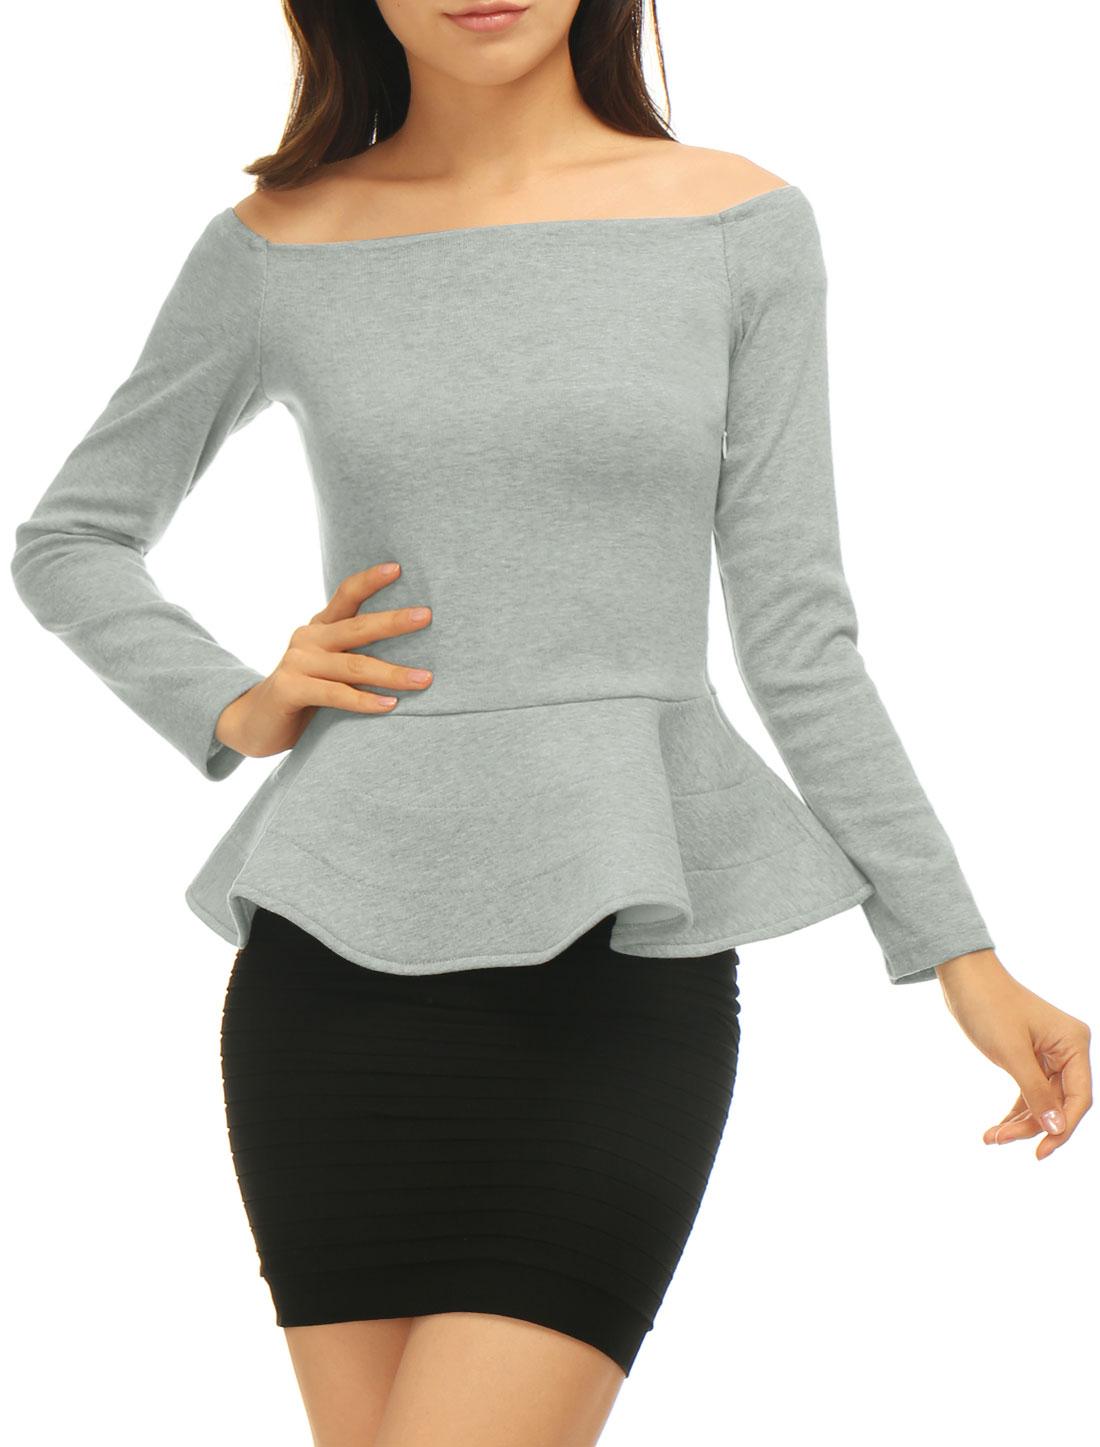 Women Off Shoulder Long Sleeves Slim Fit Peplum Top Gray M